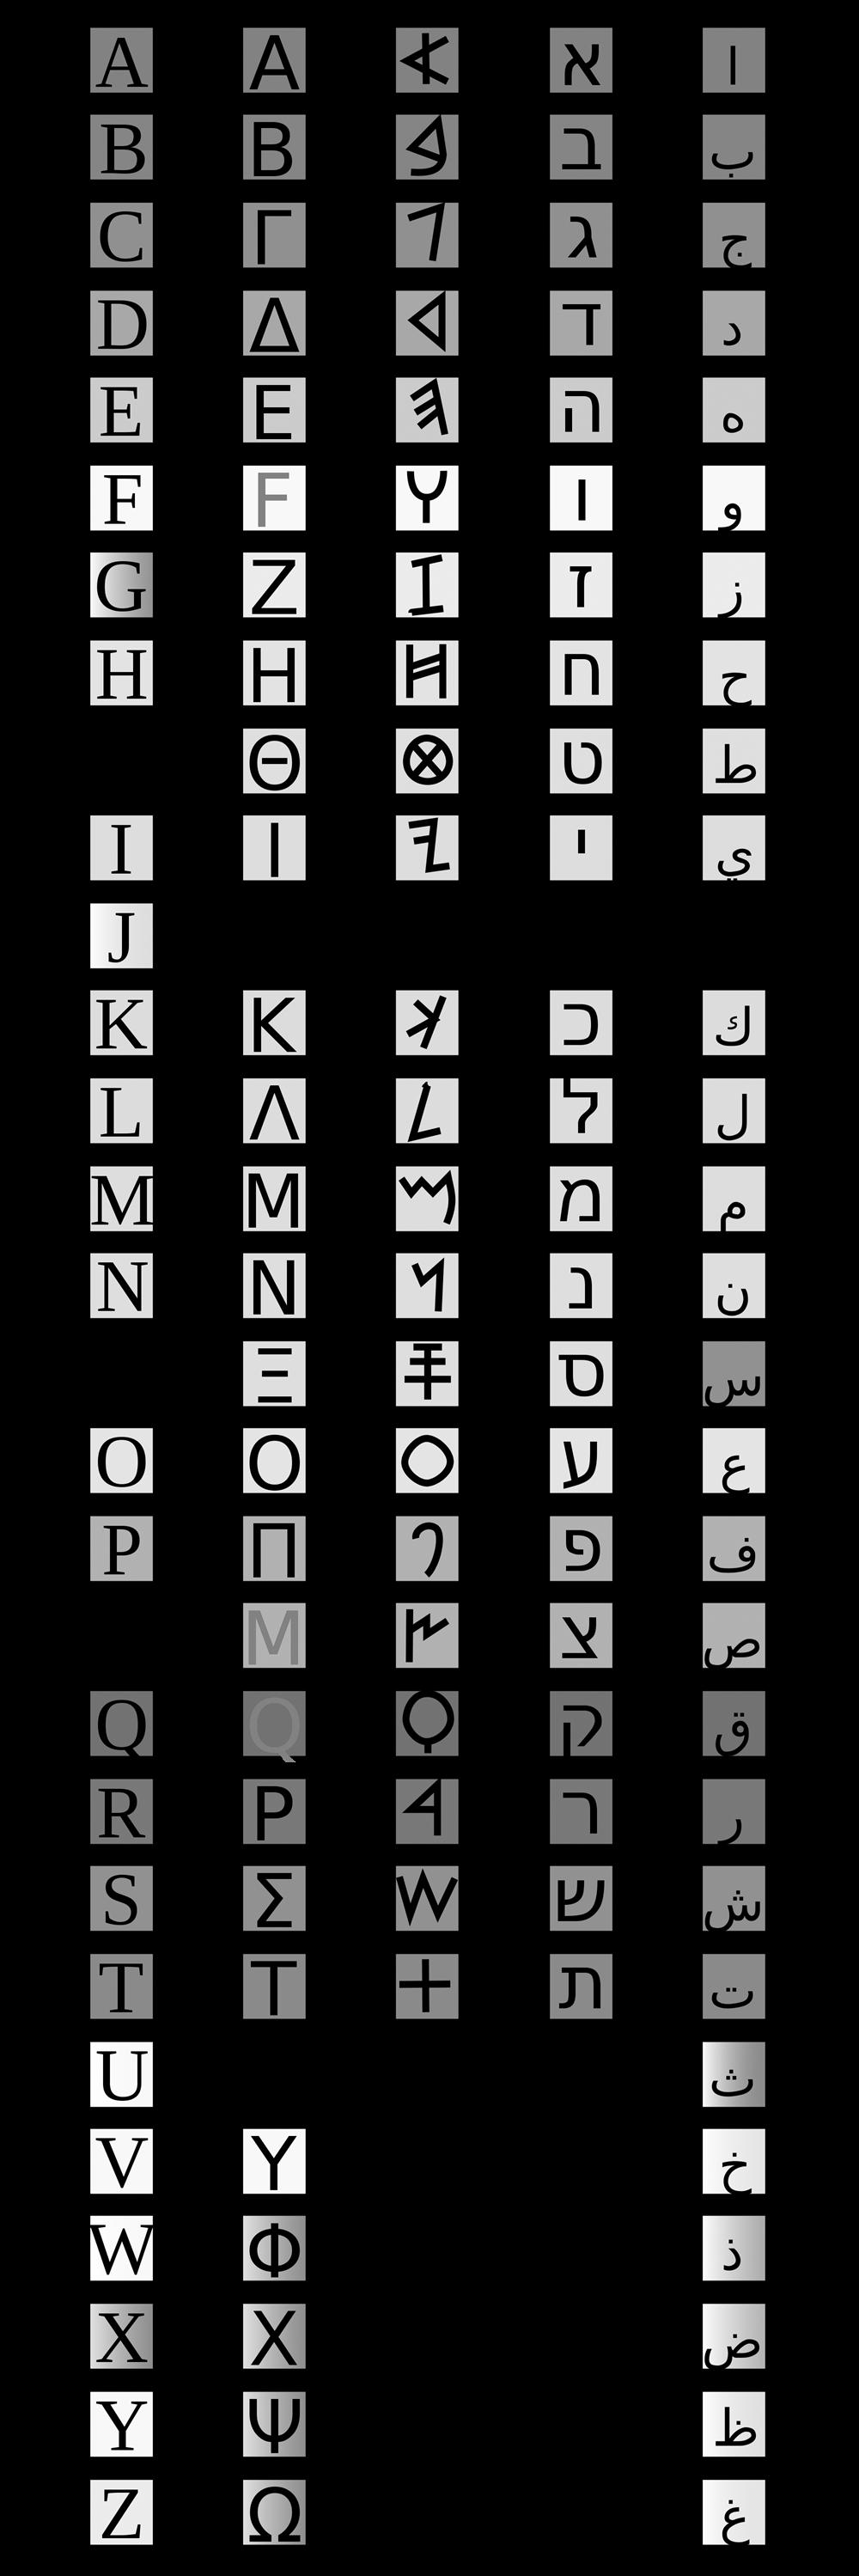 شکل ۴: از چپ به راست، حروف الفبای لاتین، یونانی، فنیقی، عبری و عربی با تاکید بر نقش کلیدی الفبای فنیقی برا همهٔ آنها